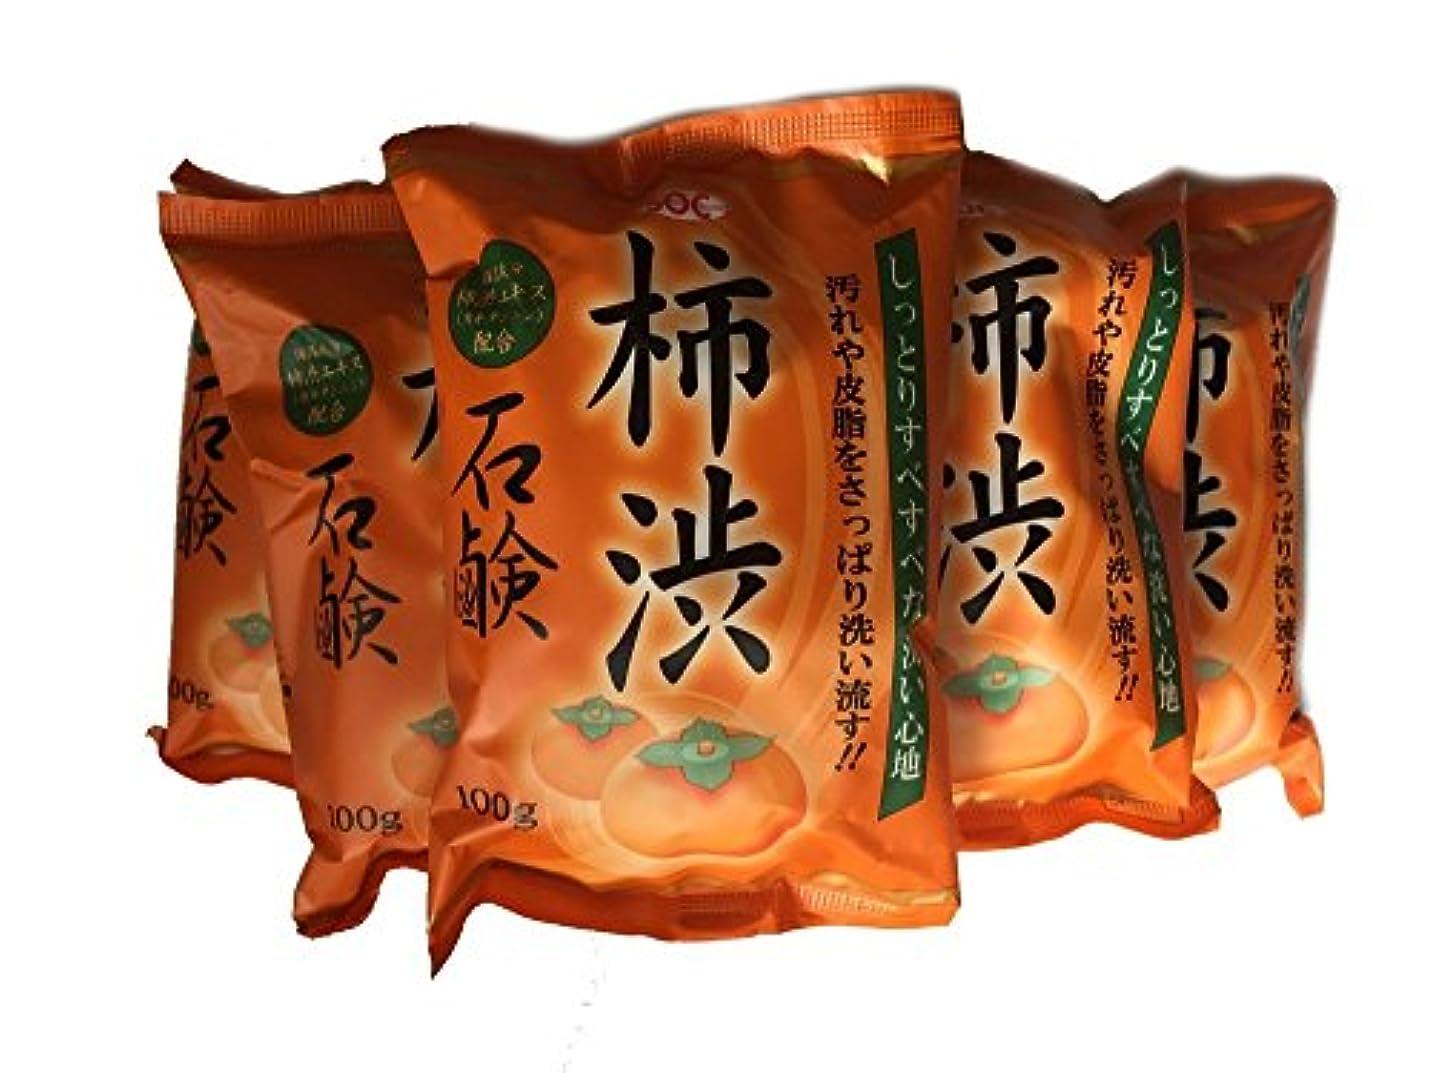 インタビュー余計な新しさ柿渋石鹸 100g ×6個